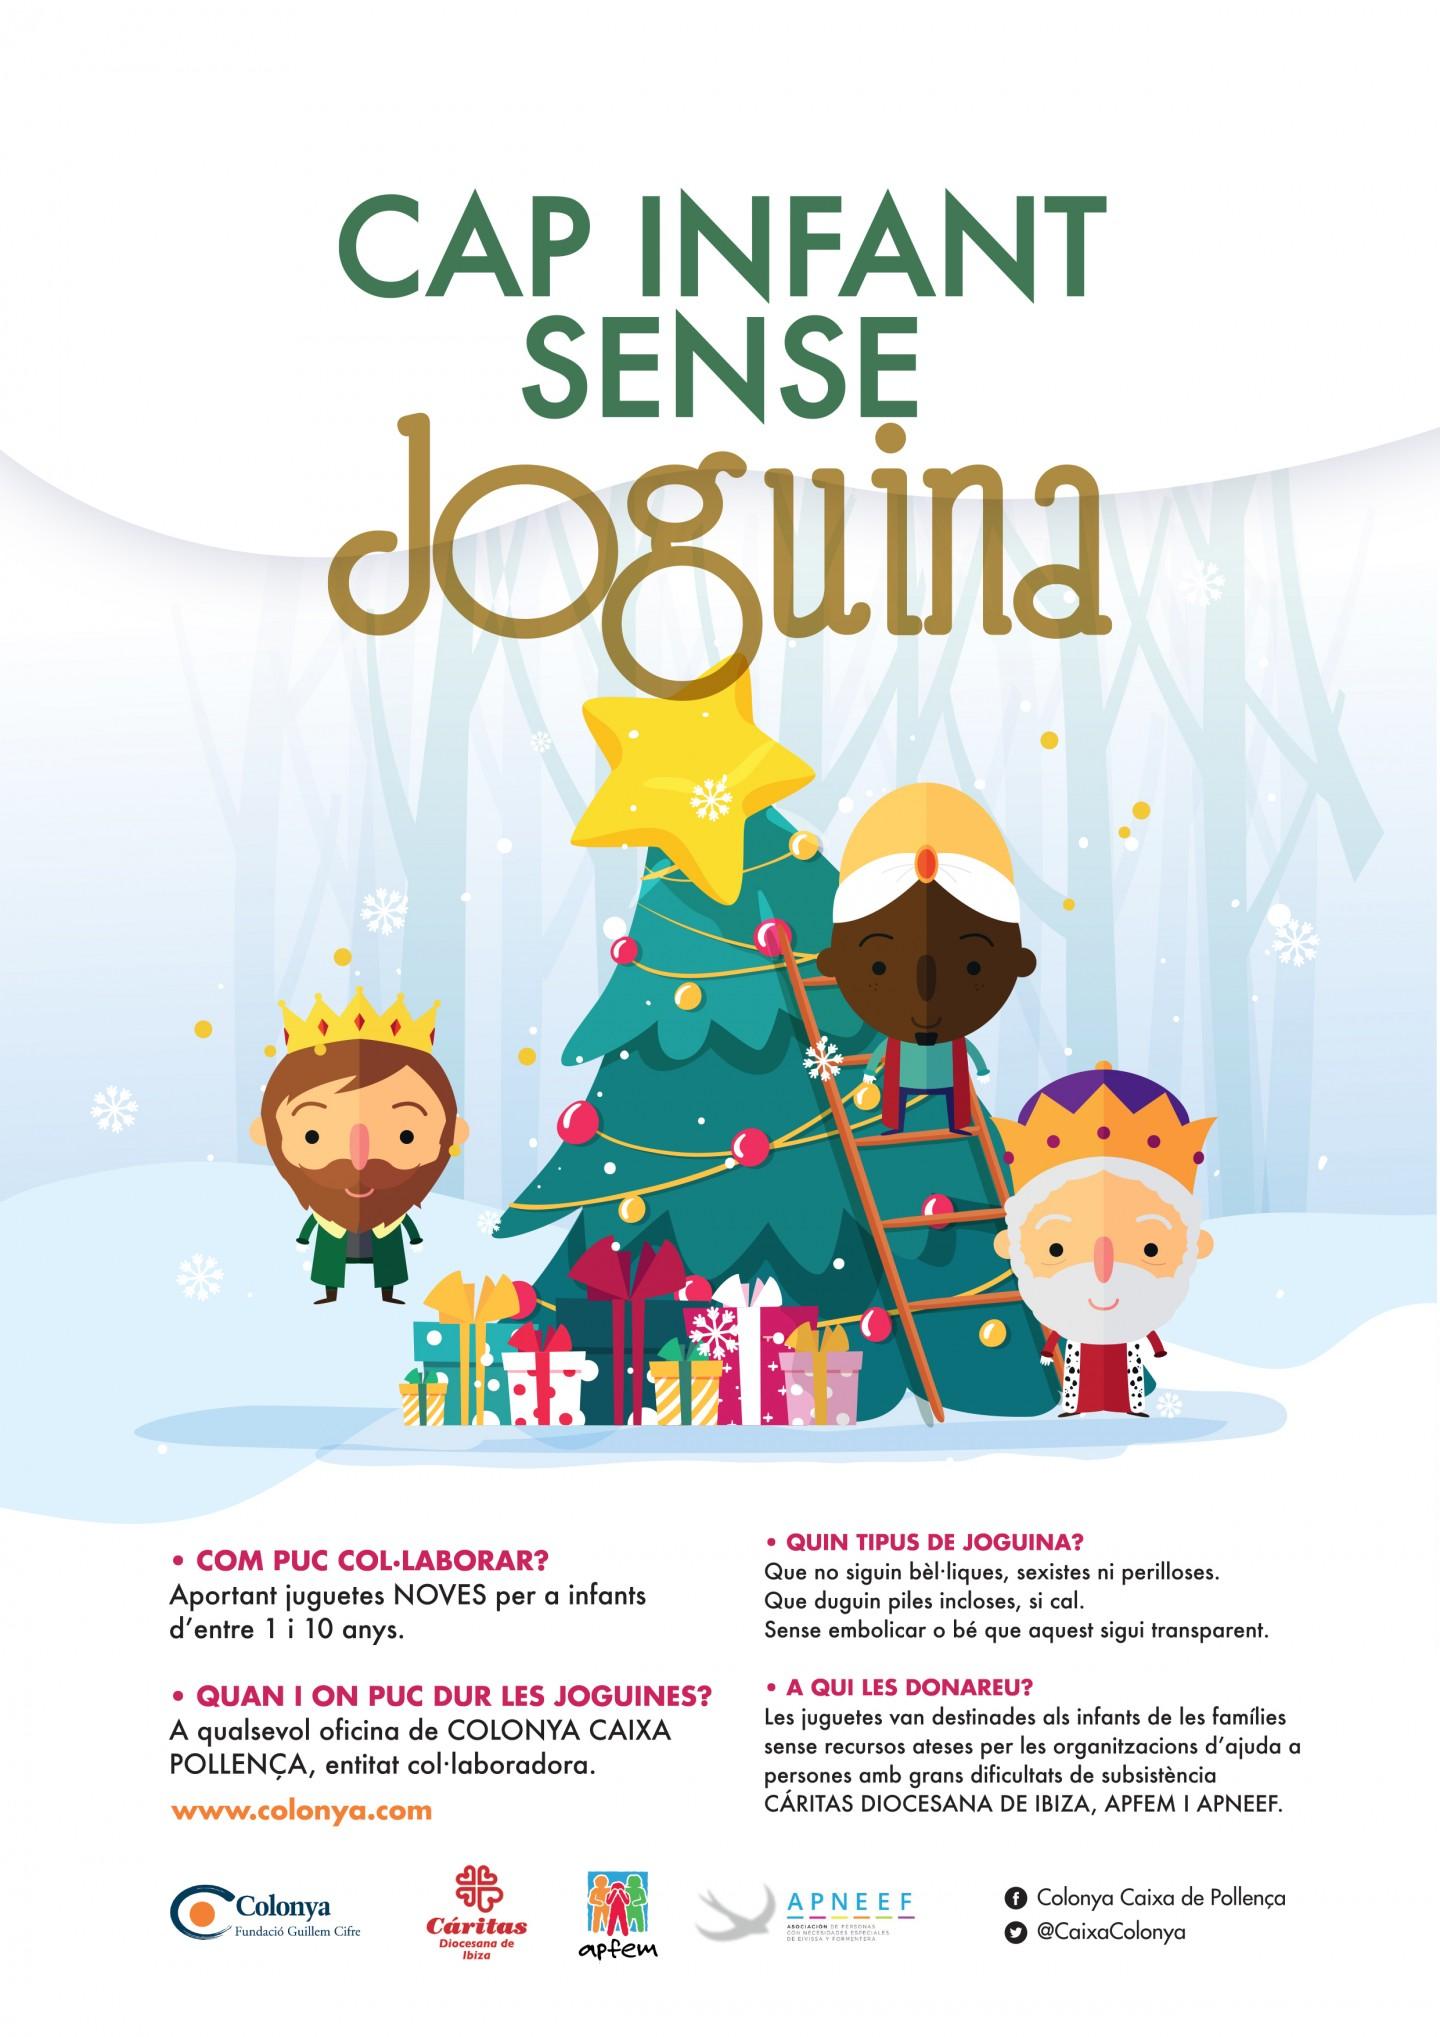 Colonya torna a col·laborar amb la Fundació Montision Solidària en la campanya CAP INFANT SENSE JUGUETA